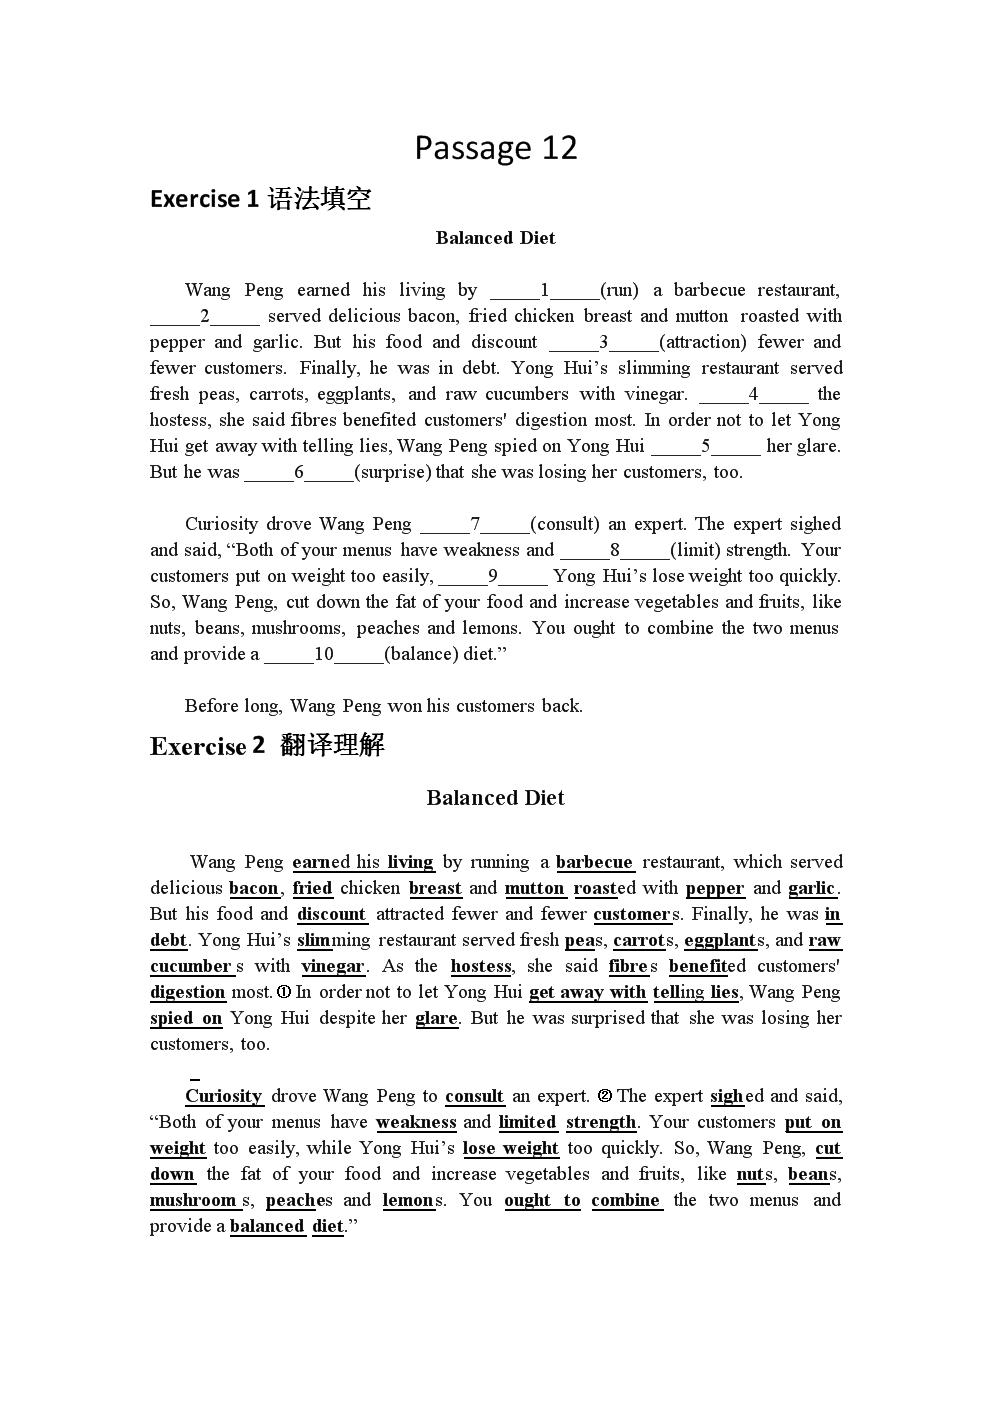 考纲词汇3500语境记忆1-50期【50篇连载1】.doc